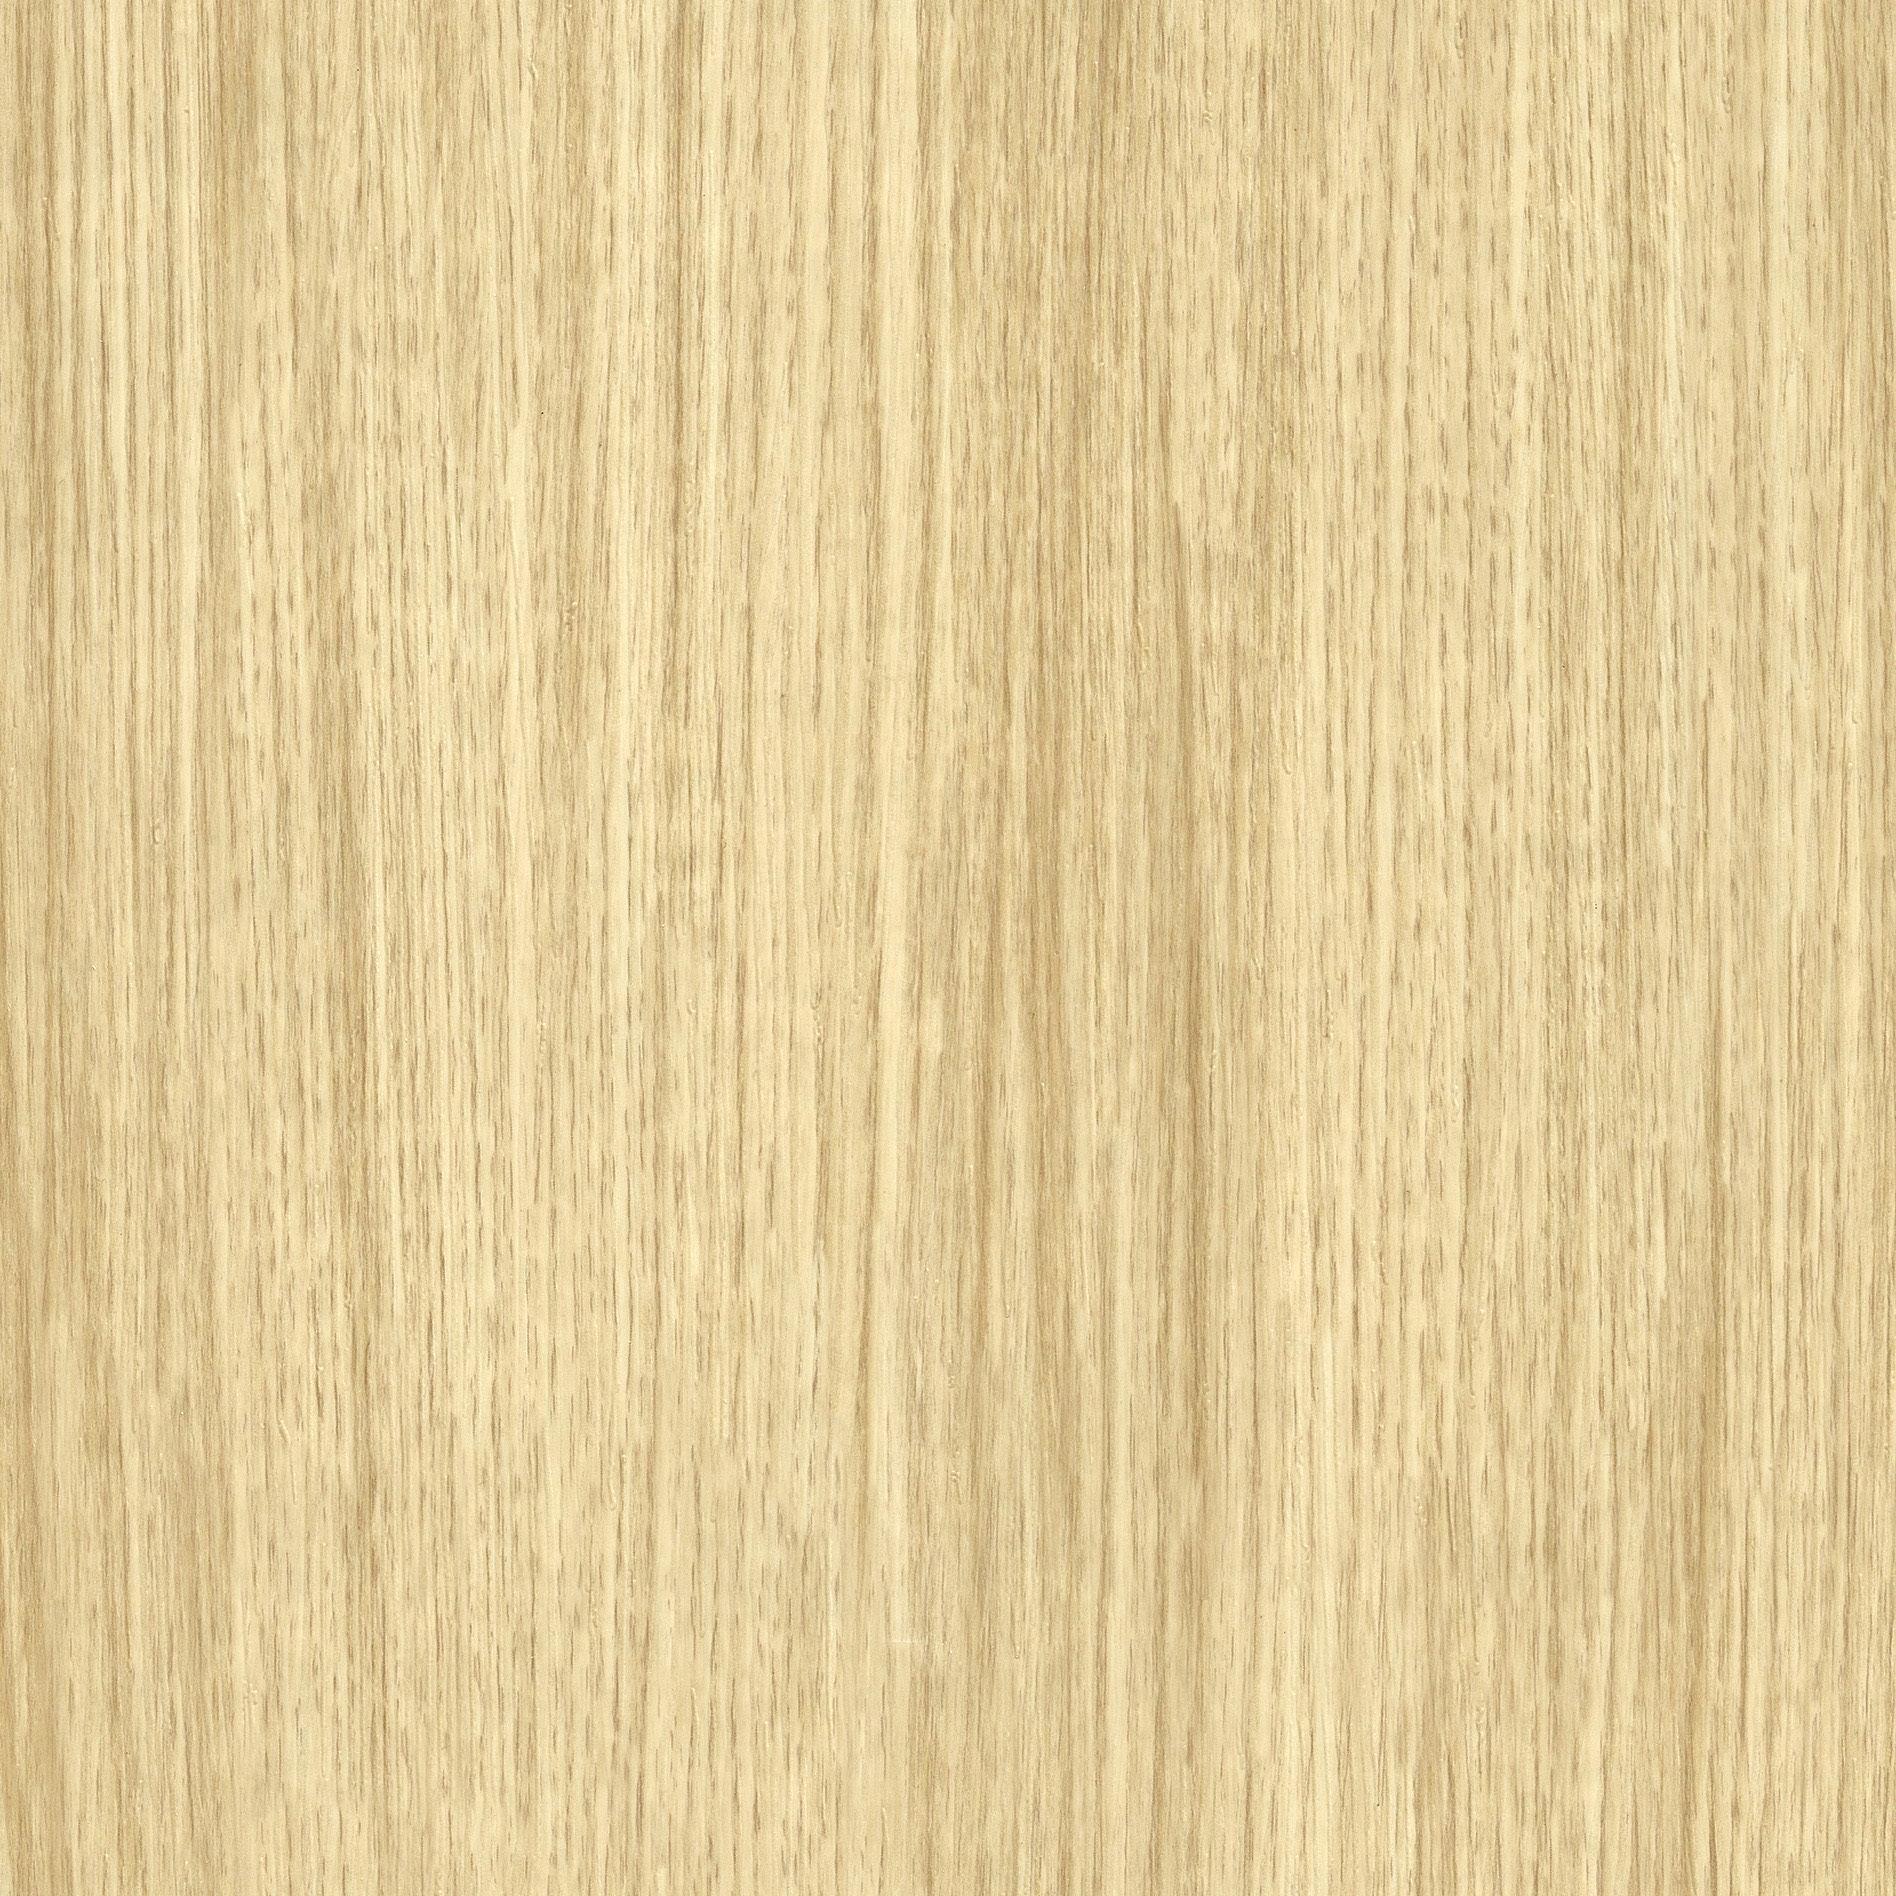 Lite Oak